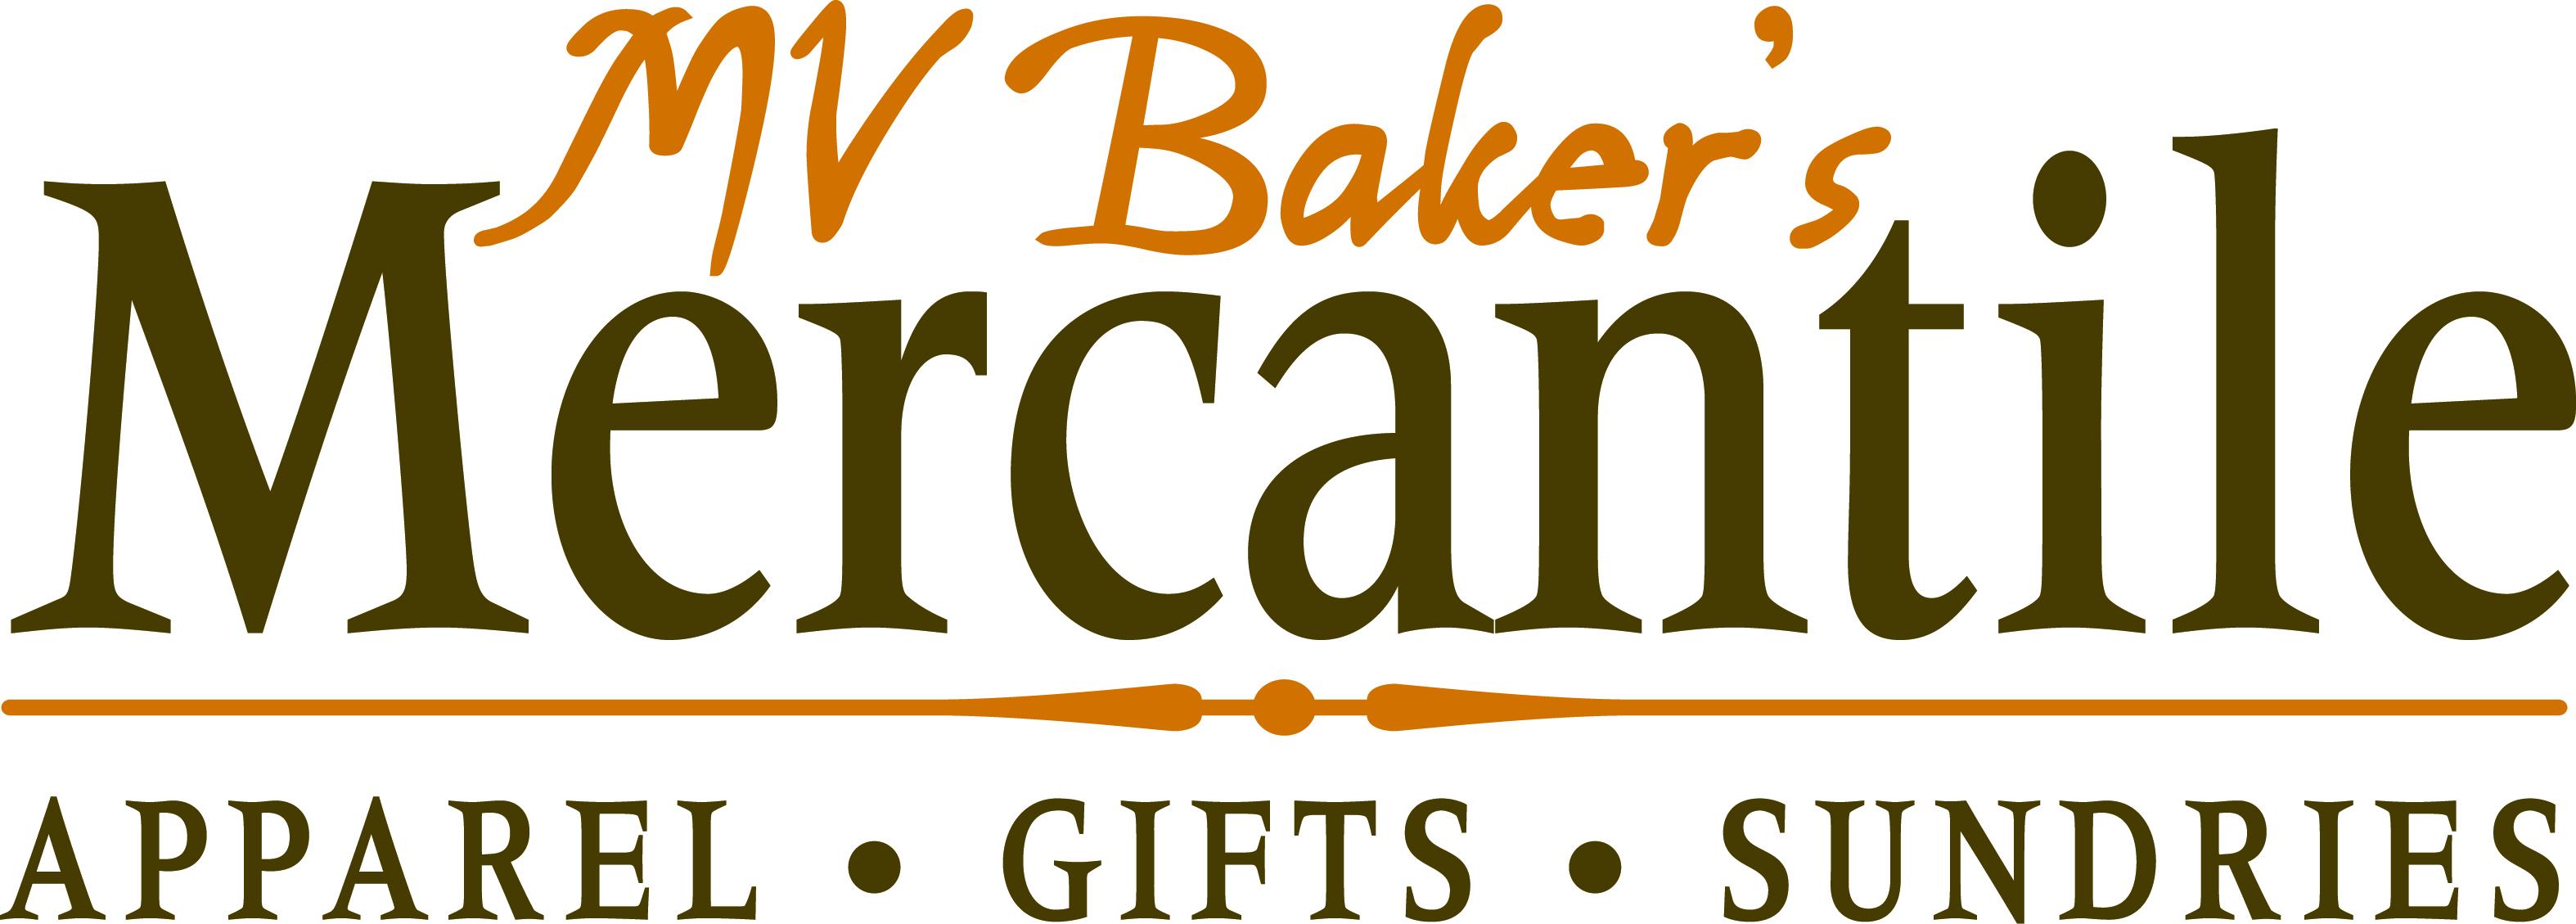 MV Baker's Mercantile